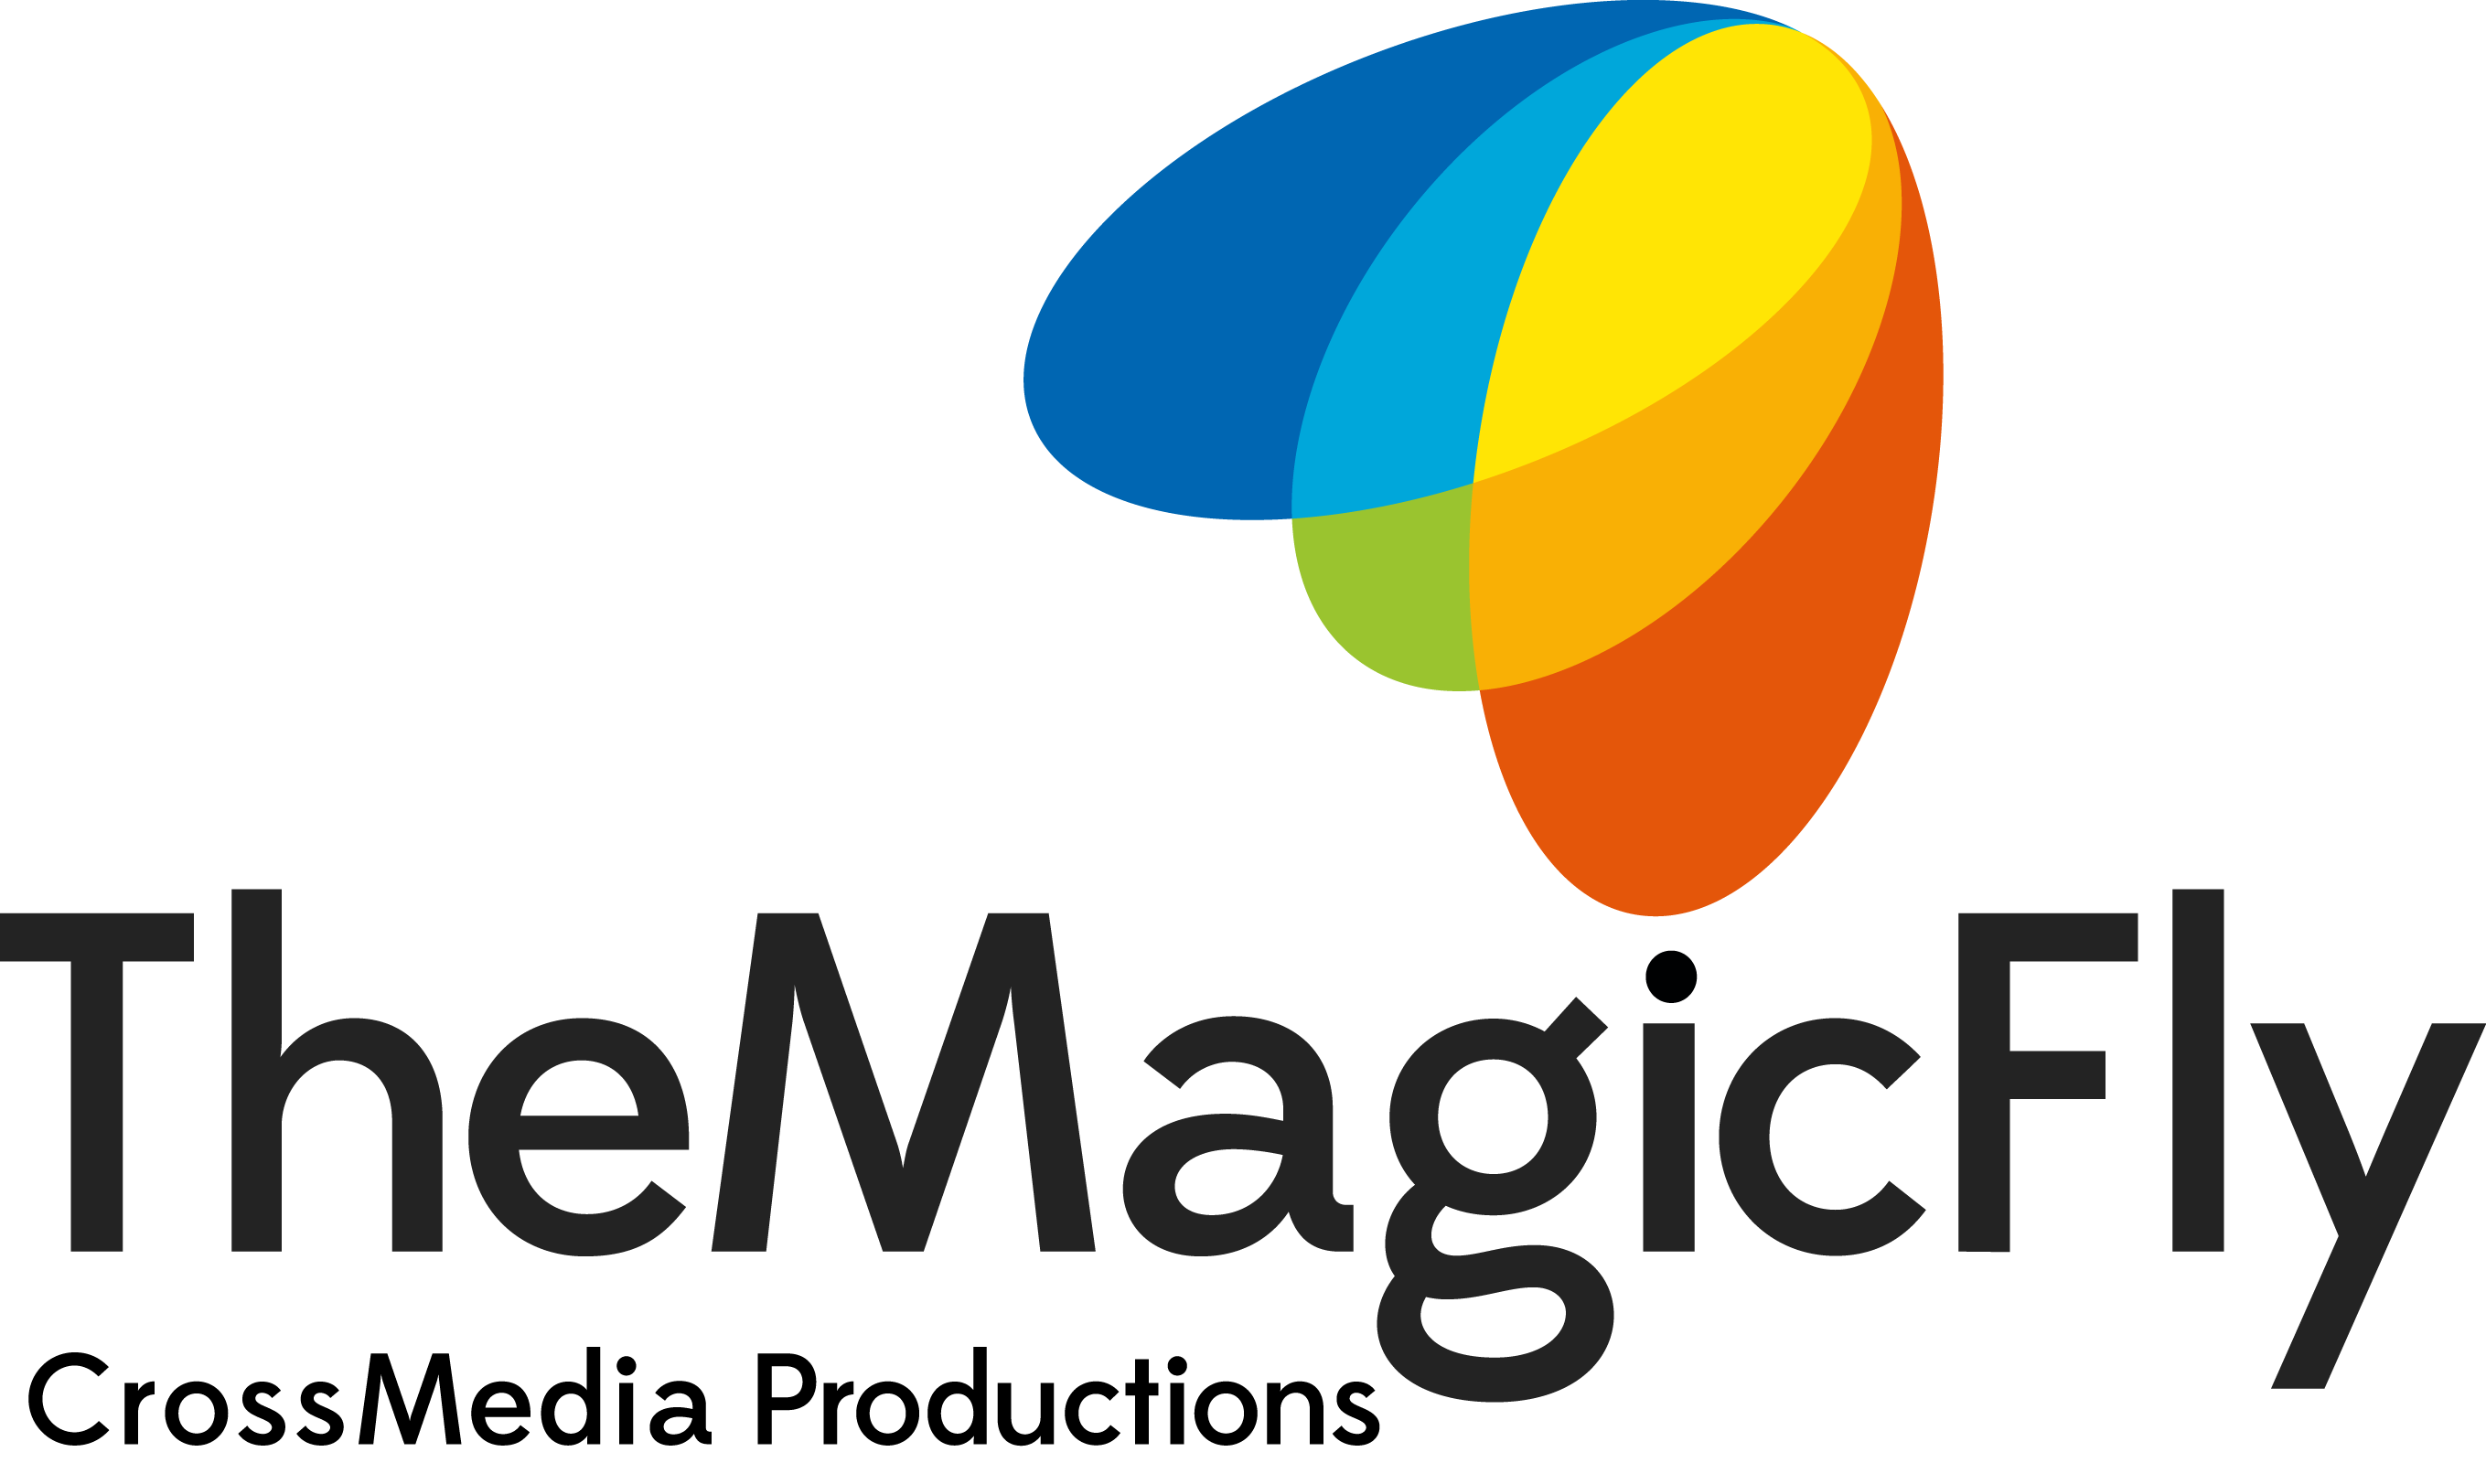 Logo de TheMagicFly